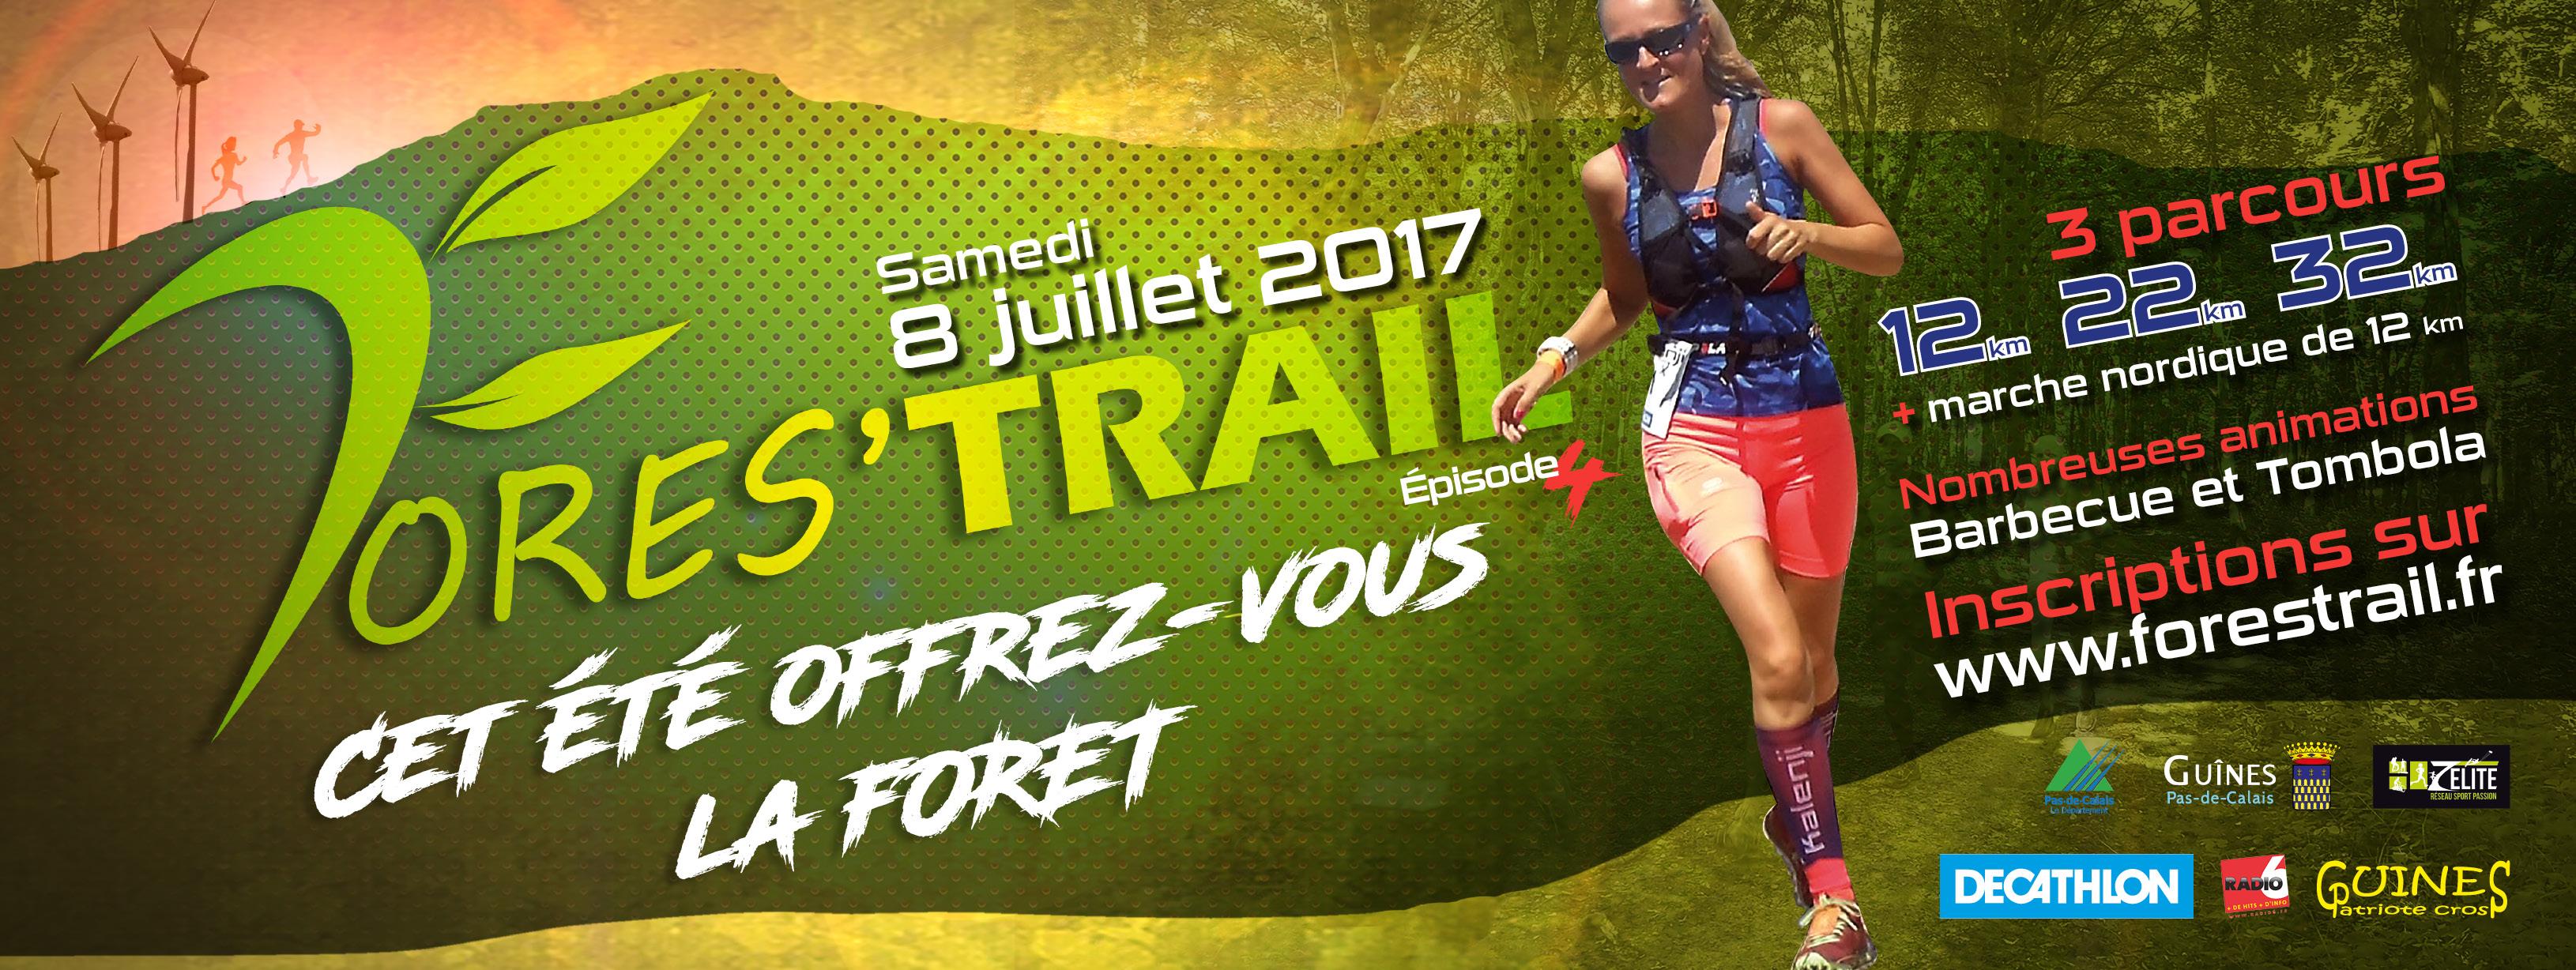 Bandeau facebk3 FT 2017